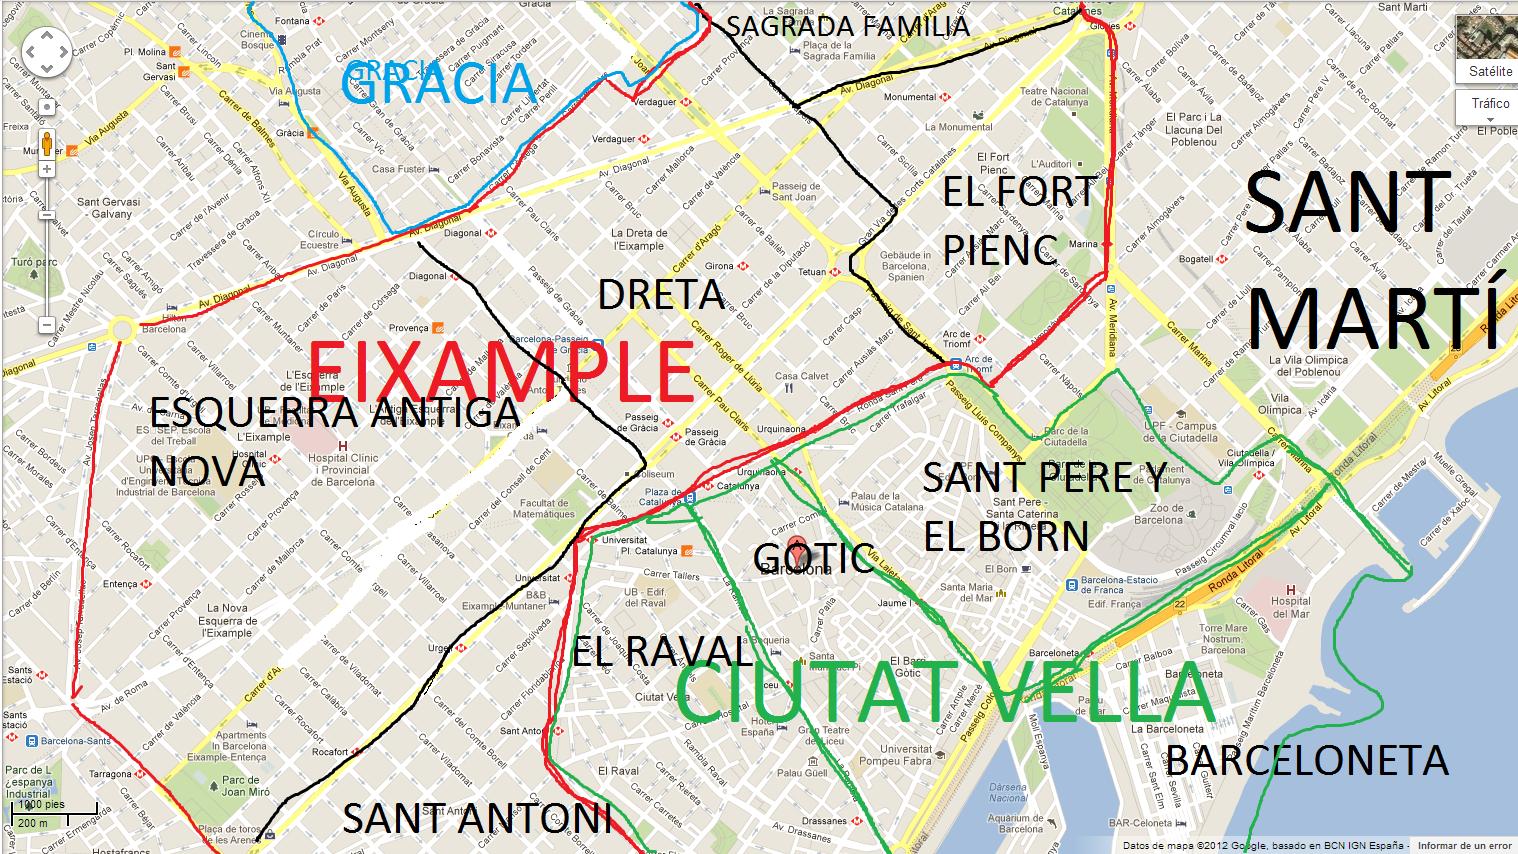 Distritos De Barcelona Mapa.Mapa De Barcelona Por Barrios Mapa